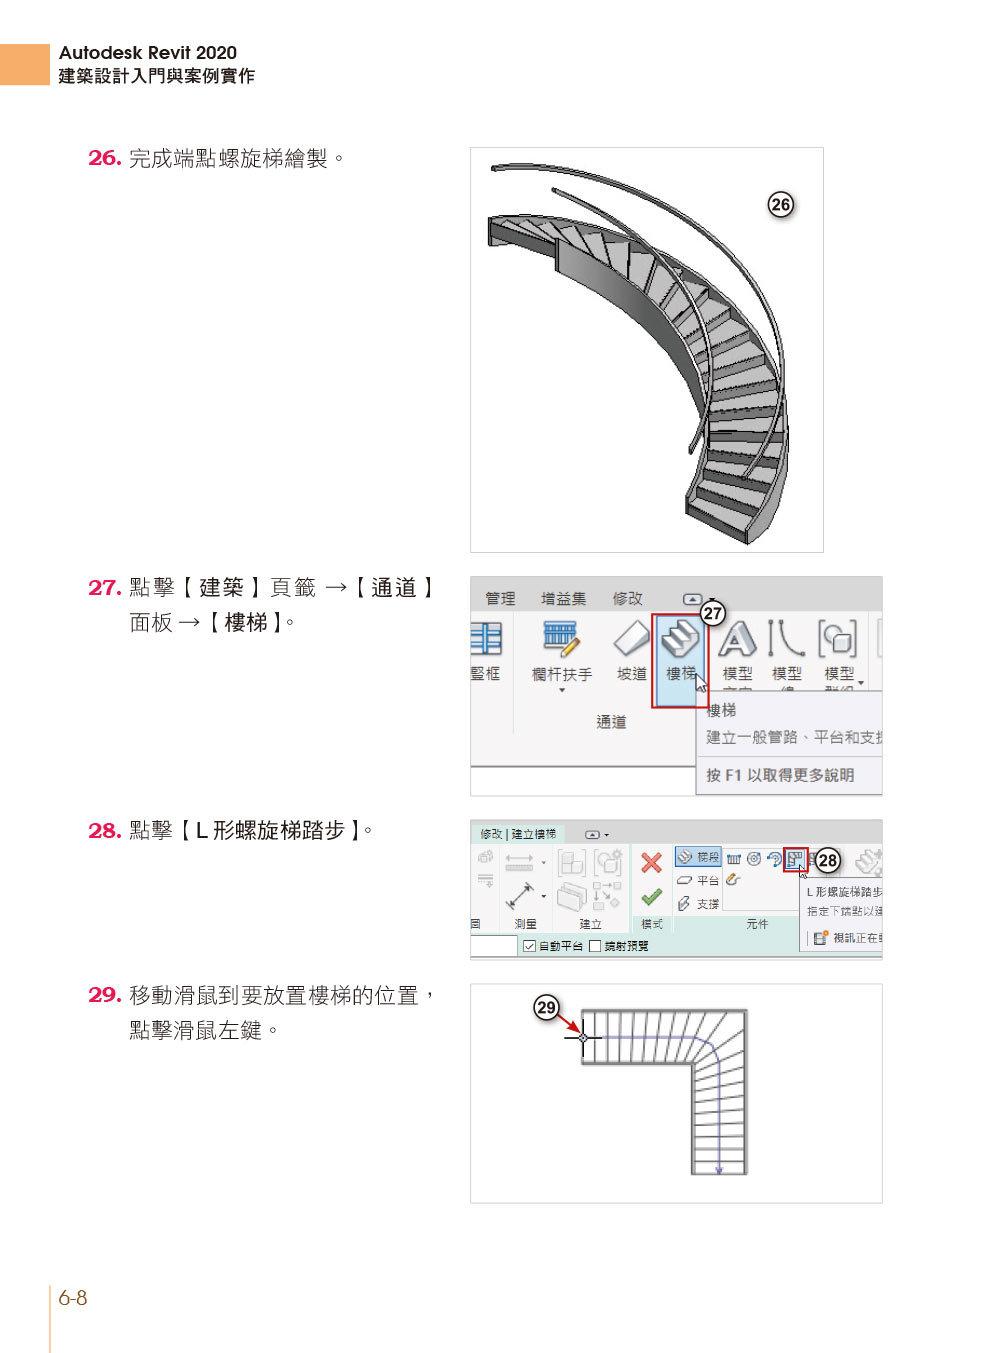 Autodesk Revit 2020建築設計入門與案例實作(附240分鐘基礎關鍵影音教學/範例檔)-preview-7